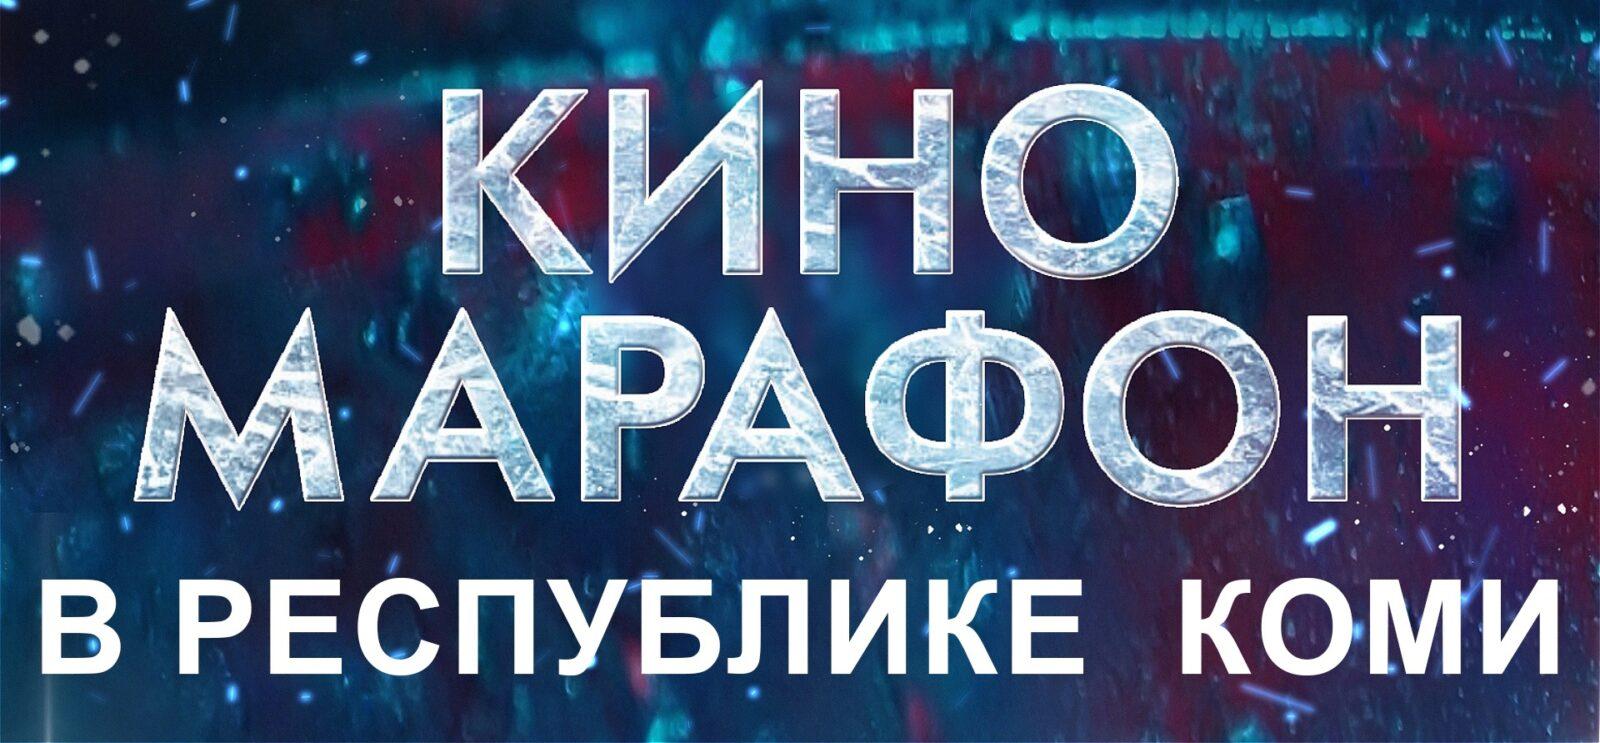 Лучшие фильмы фестиваля «ARCTIC OPEN» можно будет увидеть в Республике Коми